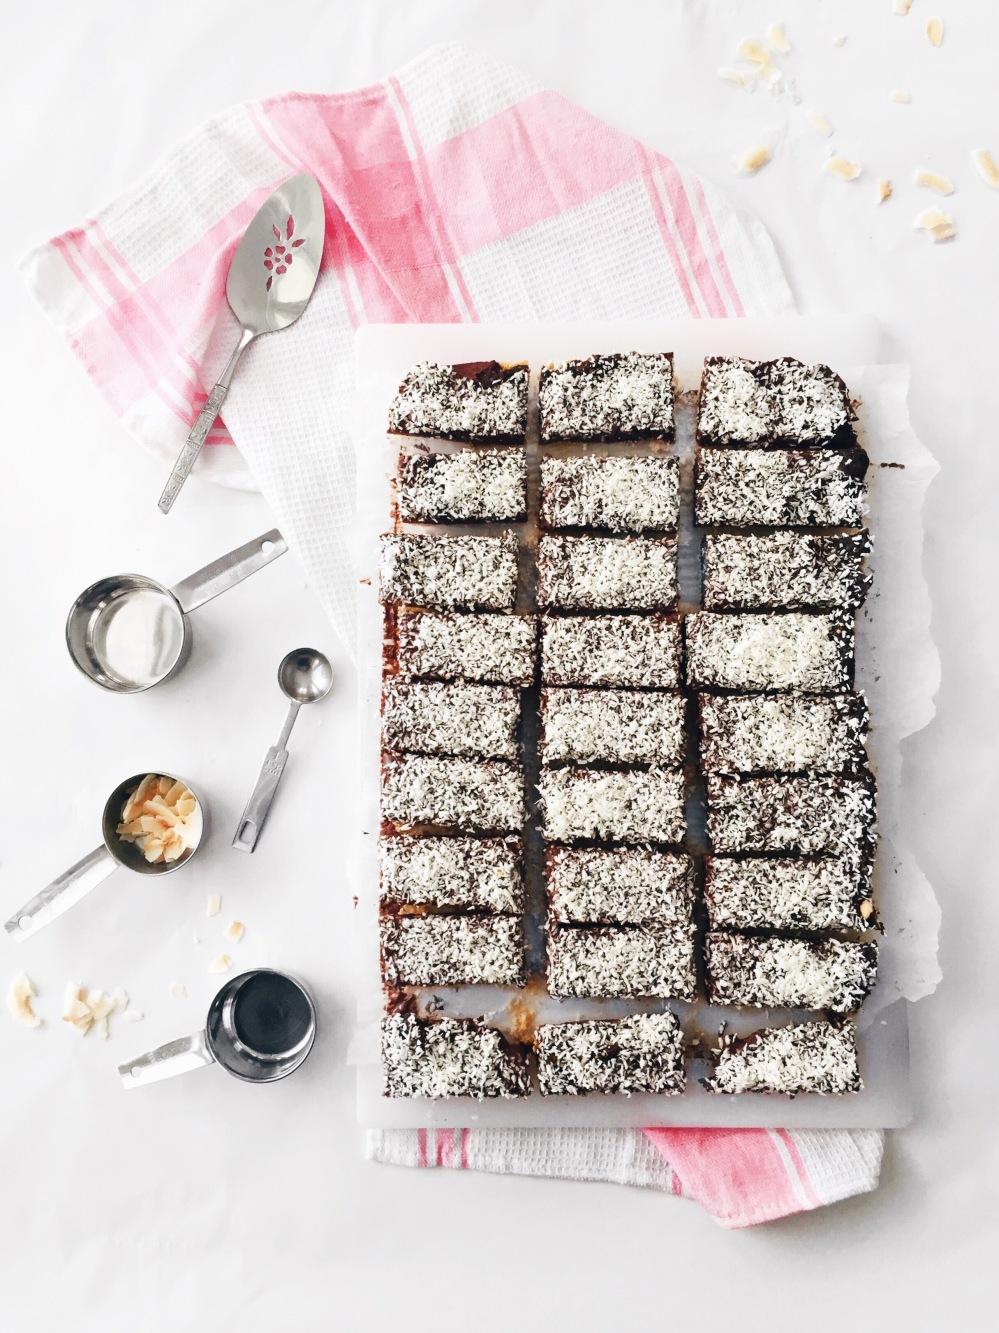 Barres de chocolat noir et noix de coco en croûte de biscuits et riz soufflé croustillant